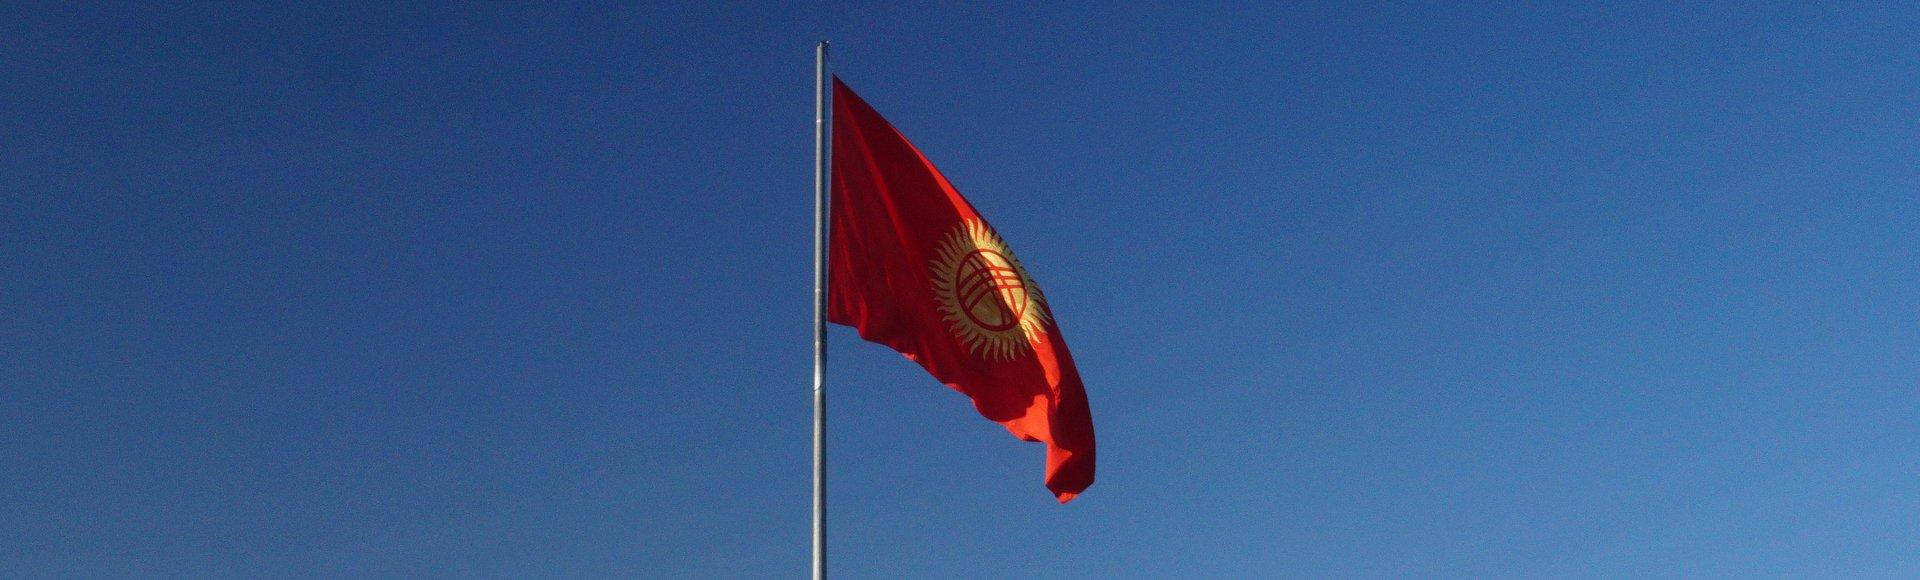 CBT – centrum bajerowania turystów w Kirgistanie.